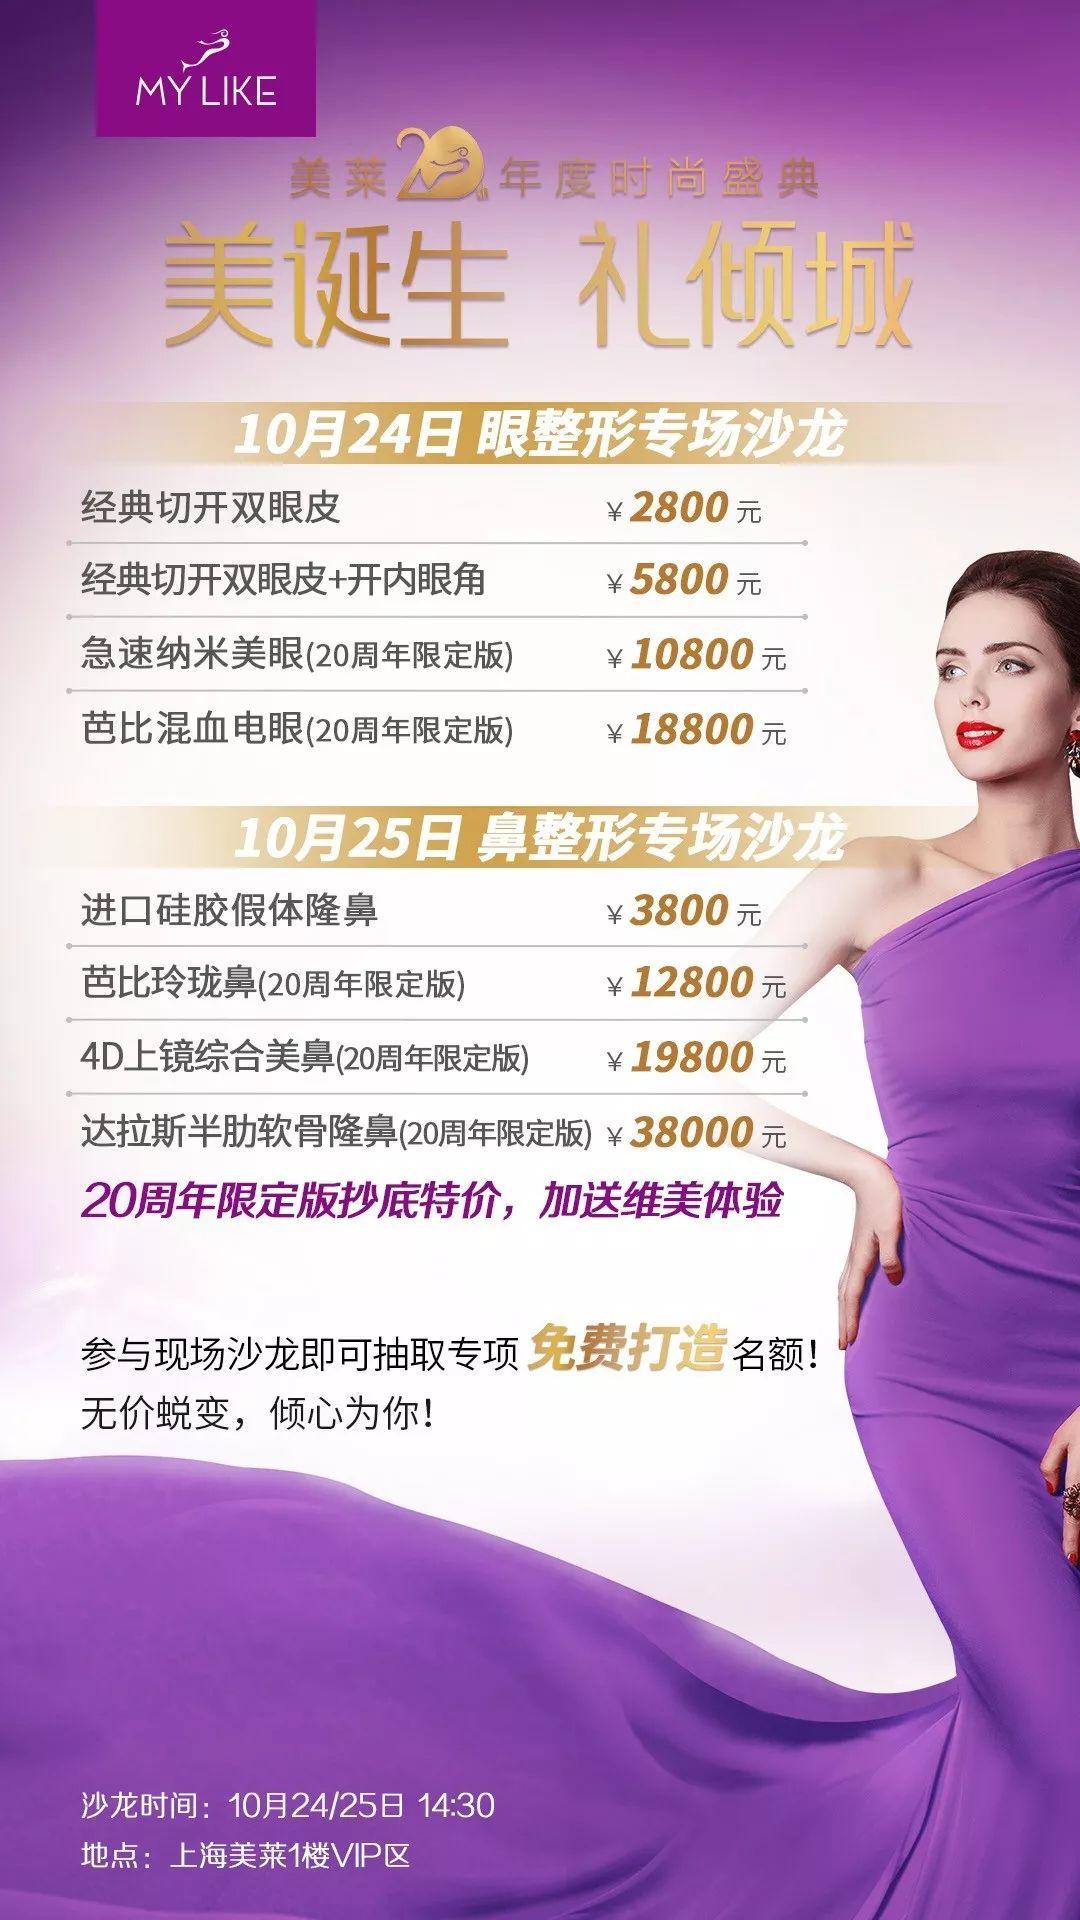 上海美莱周年庆优惠专场